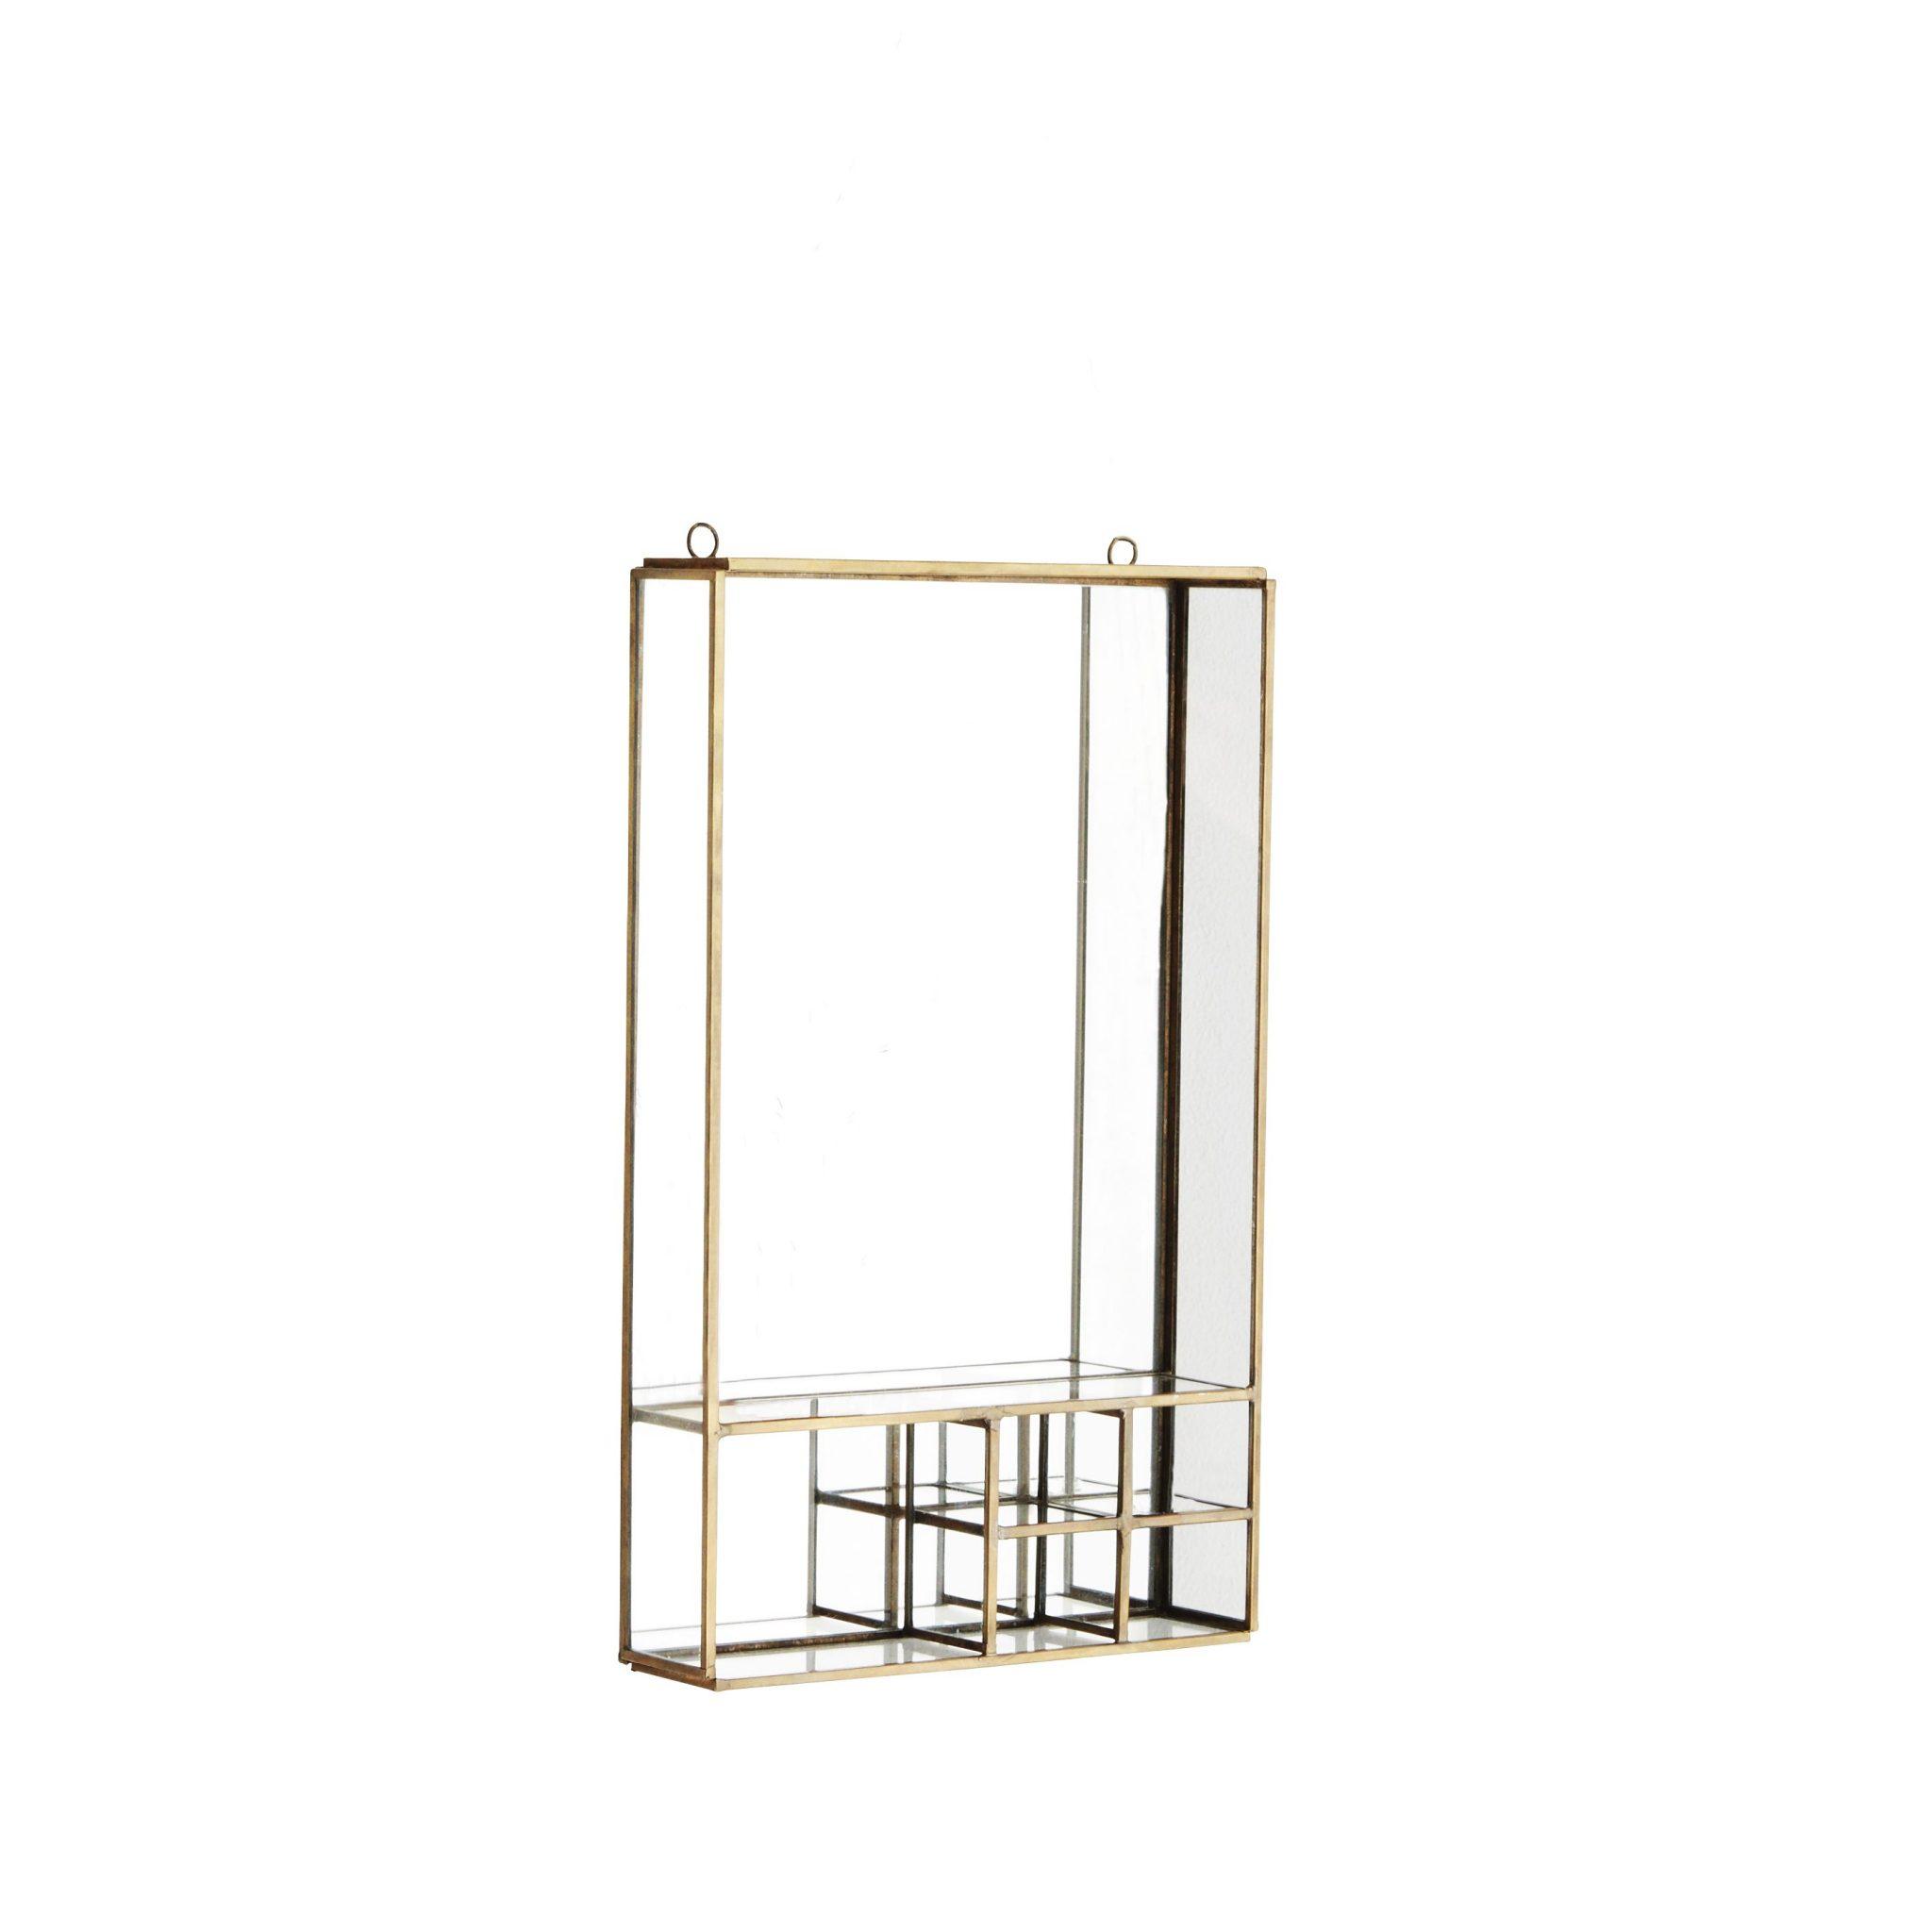 spiegel mit f chern popshop skandinavische einrichtung. Black Bedroom Furniture Sets. Home Design Ideas